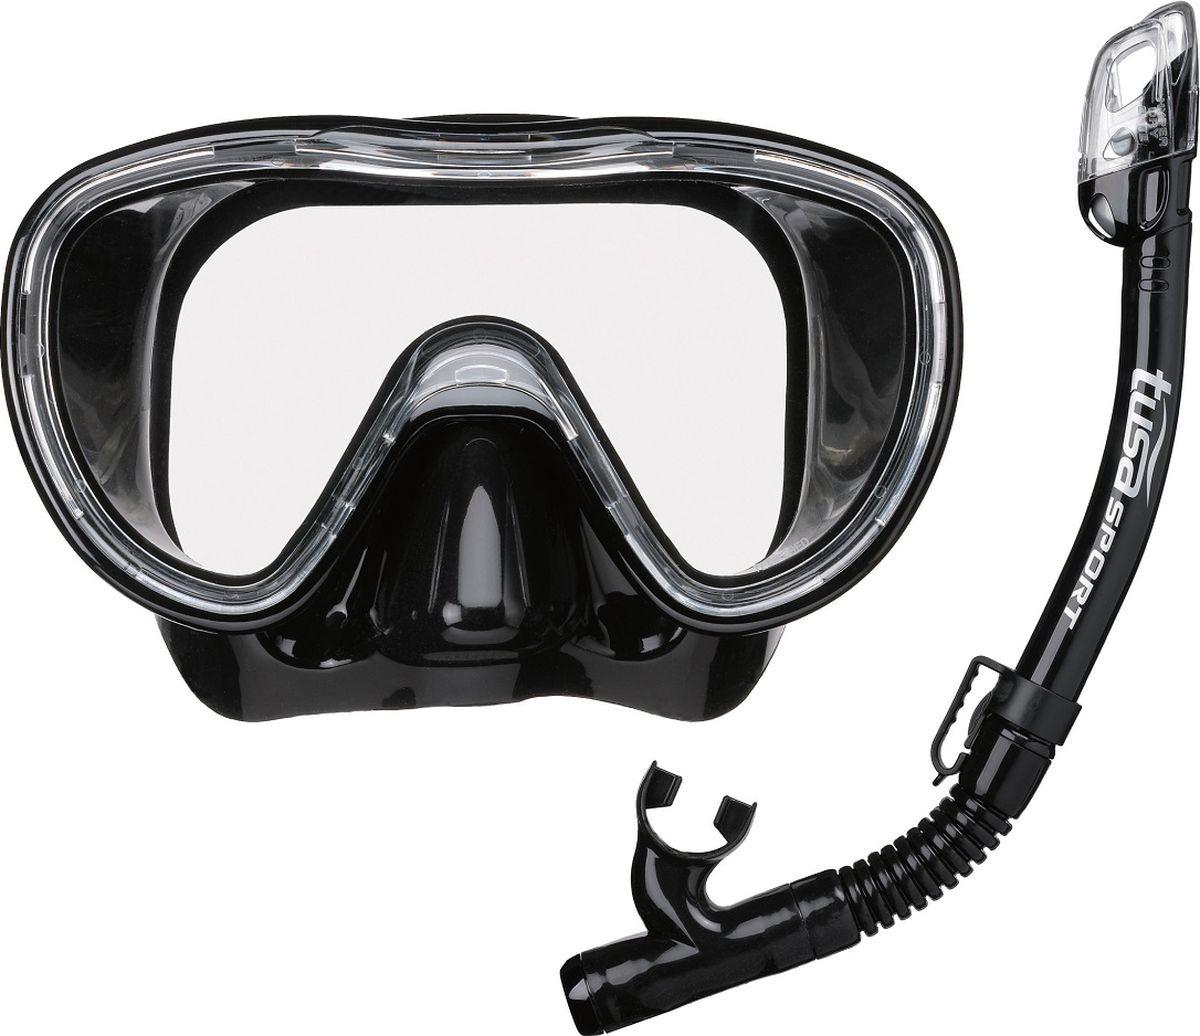 Детский комплект для плавания Tusa Sport, цвет: черный. UCR1126 BK/BKUCR1126 BK/BKКомплект маска+трубка TUSA Sport UCR-1126• Одностекольная маска с панорамным обзором.• Закаленное безопасное стекло Tempered Glass.• Пряжки ремешка маски закреплены непосредственно на силиконовом обтюраторе, что позволяет комфортно адаптировать положение ремешка под любую форму головы.• Трубка оснащена запатентованным сухим верхним клапаном Hyperdry Elite, который предотвращает попадание воды в трубку при погружении под воду.• В нижнем сегменте трубки расположена дренажная камера с клапаном Hyperdry, через который вода легко удаляется из трубки.• Гофрированный силиконовый нижний сегмент позволяет комфортно подвести загубник трубки ко рту.• Орто-загубник снижает нагрузку на челюстные мышцы.• Трубка крепится на ремешок маски быстросъемным зажимом.• Обтюратор и ремешок маски, загубник и гофрированный сегмент трубки изготовлены из 100% гипоаллергенного силикона.• Компактные размеры маски и трубки хорошо подходят подросткам и взрослым с лицами средних размеров.• Цвета: BK/BK (черный с черным силиконом), LB (голубой с прозрачным силиконом)